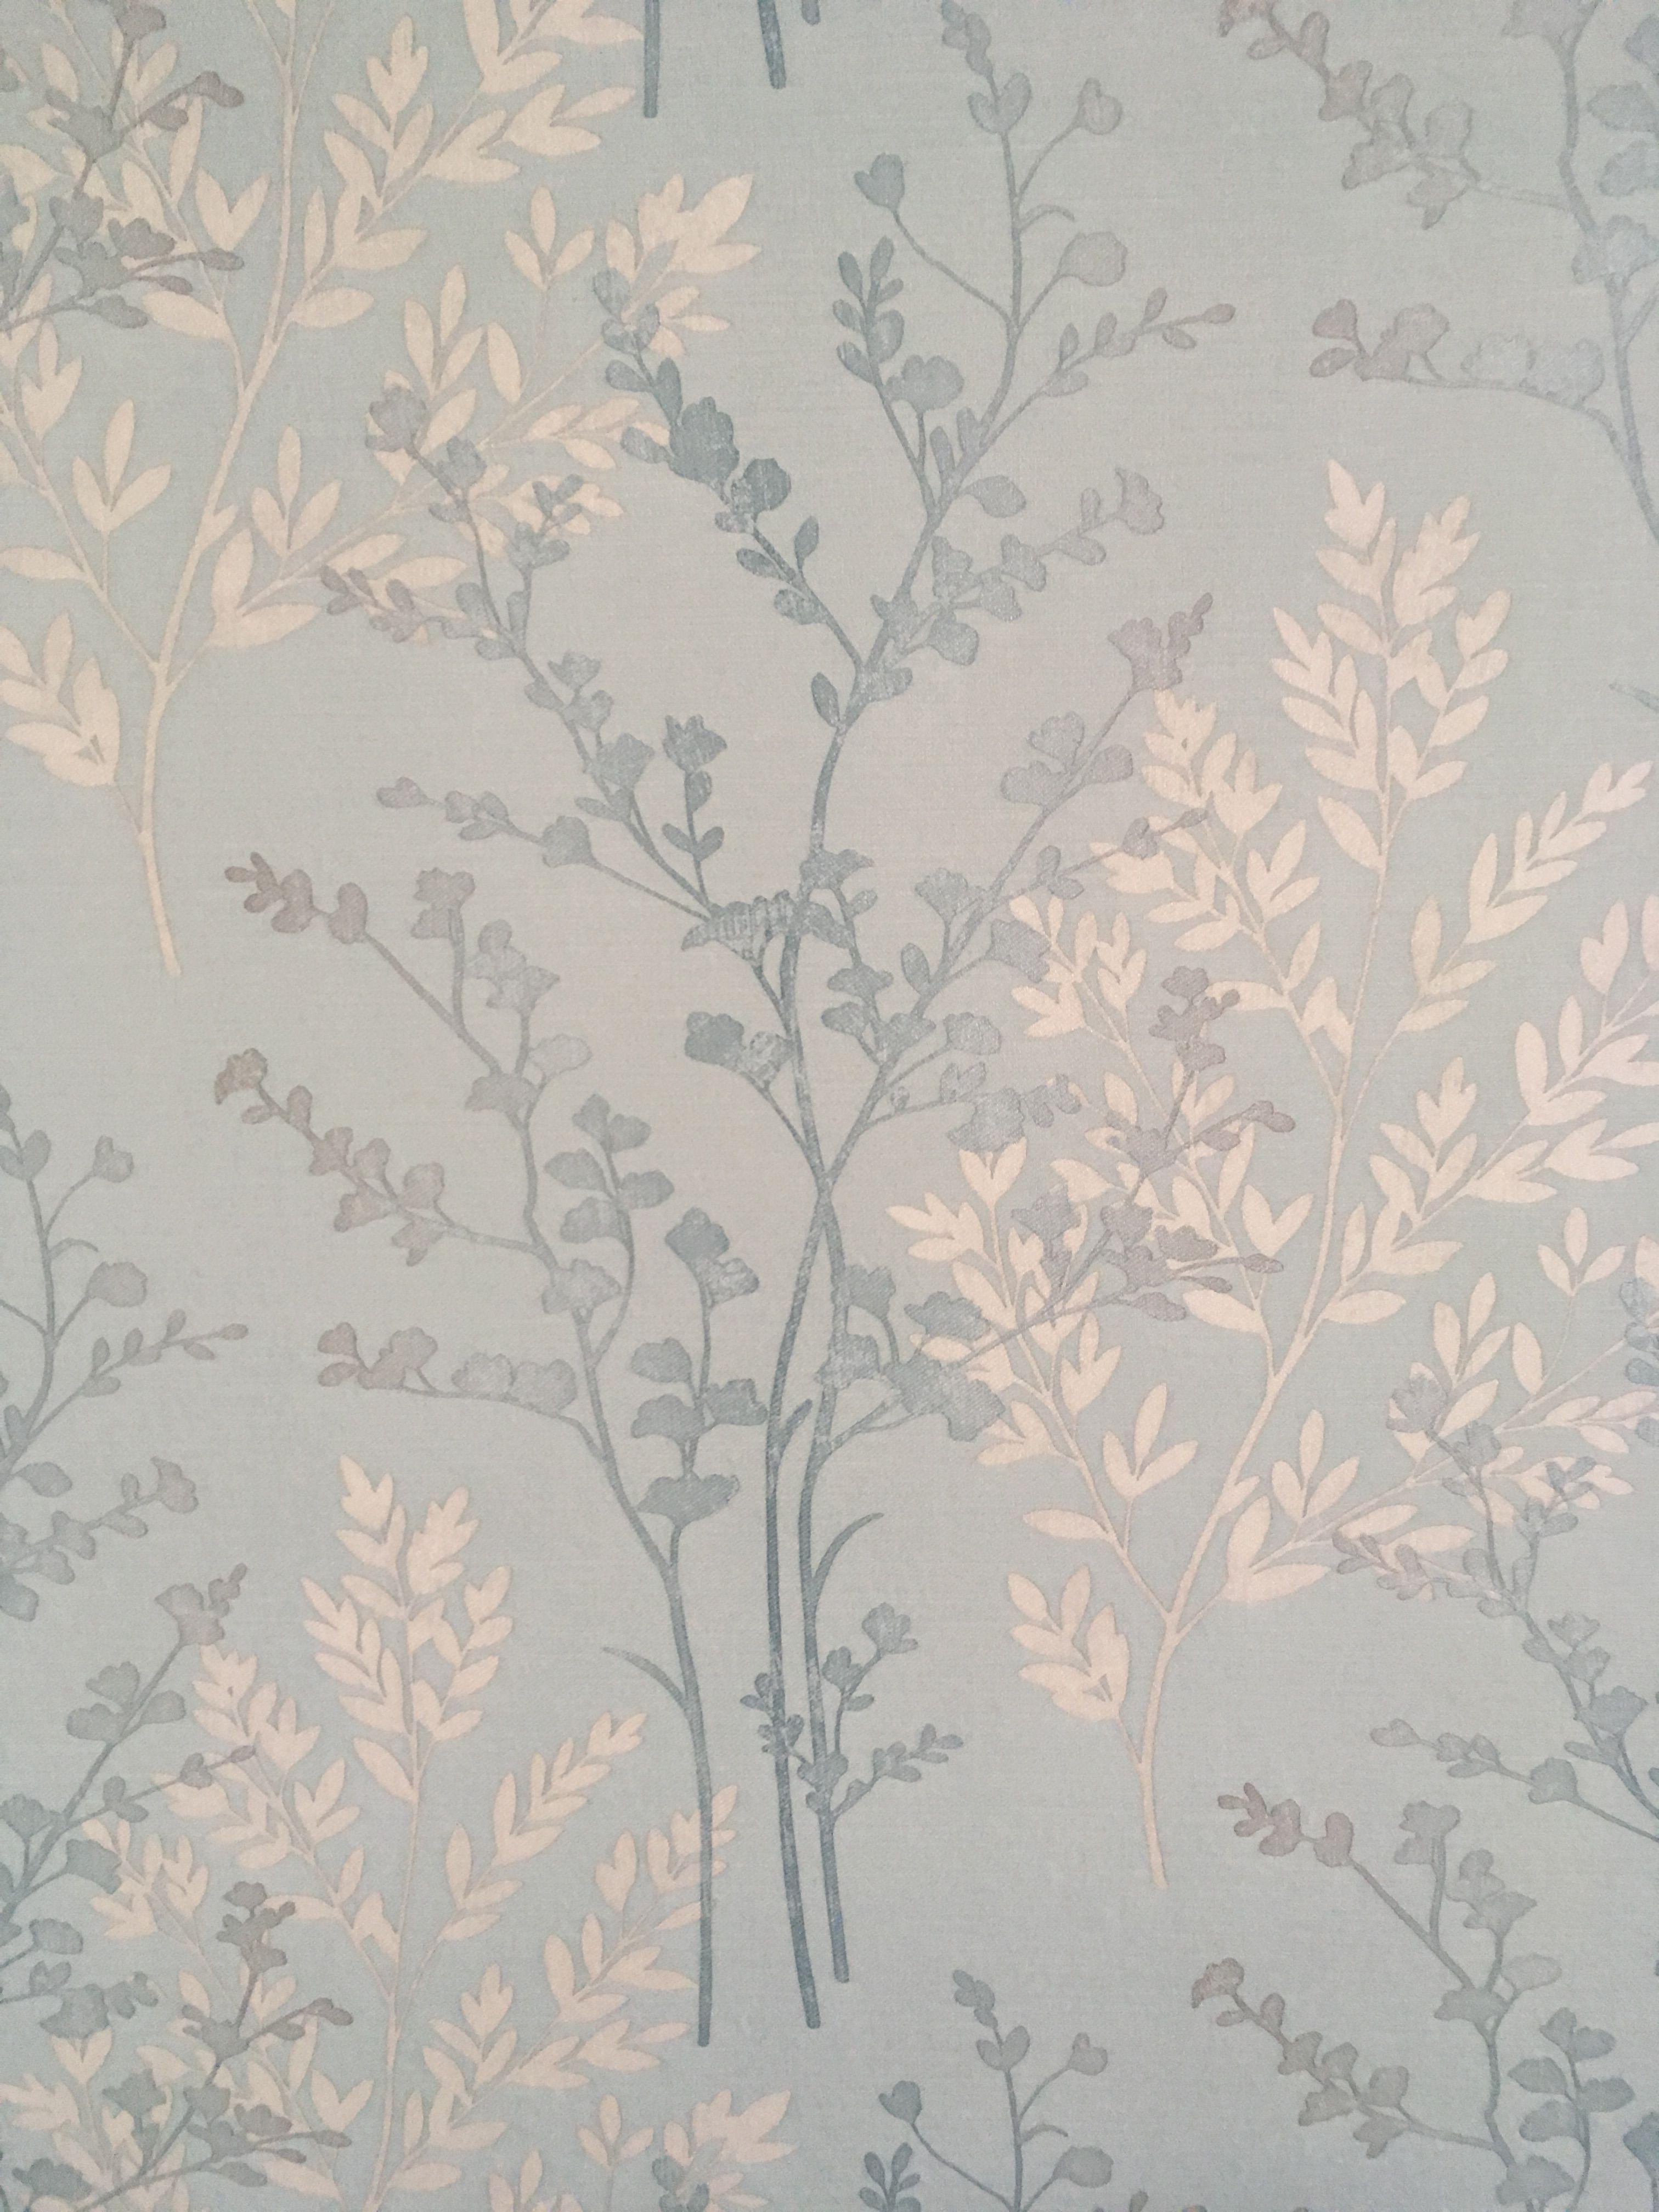 Wilko Fern Duck Egg Blue Wallpaper Teal Wallpaper Feature Wall Wallpaper Teal And Grey Wallpaper